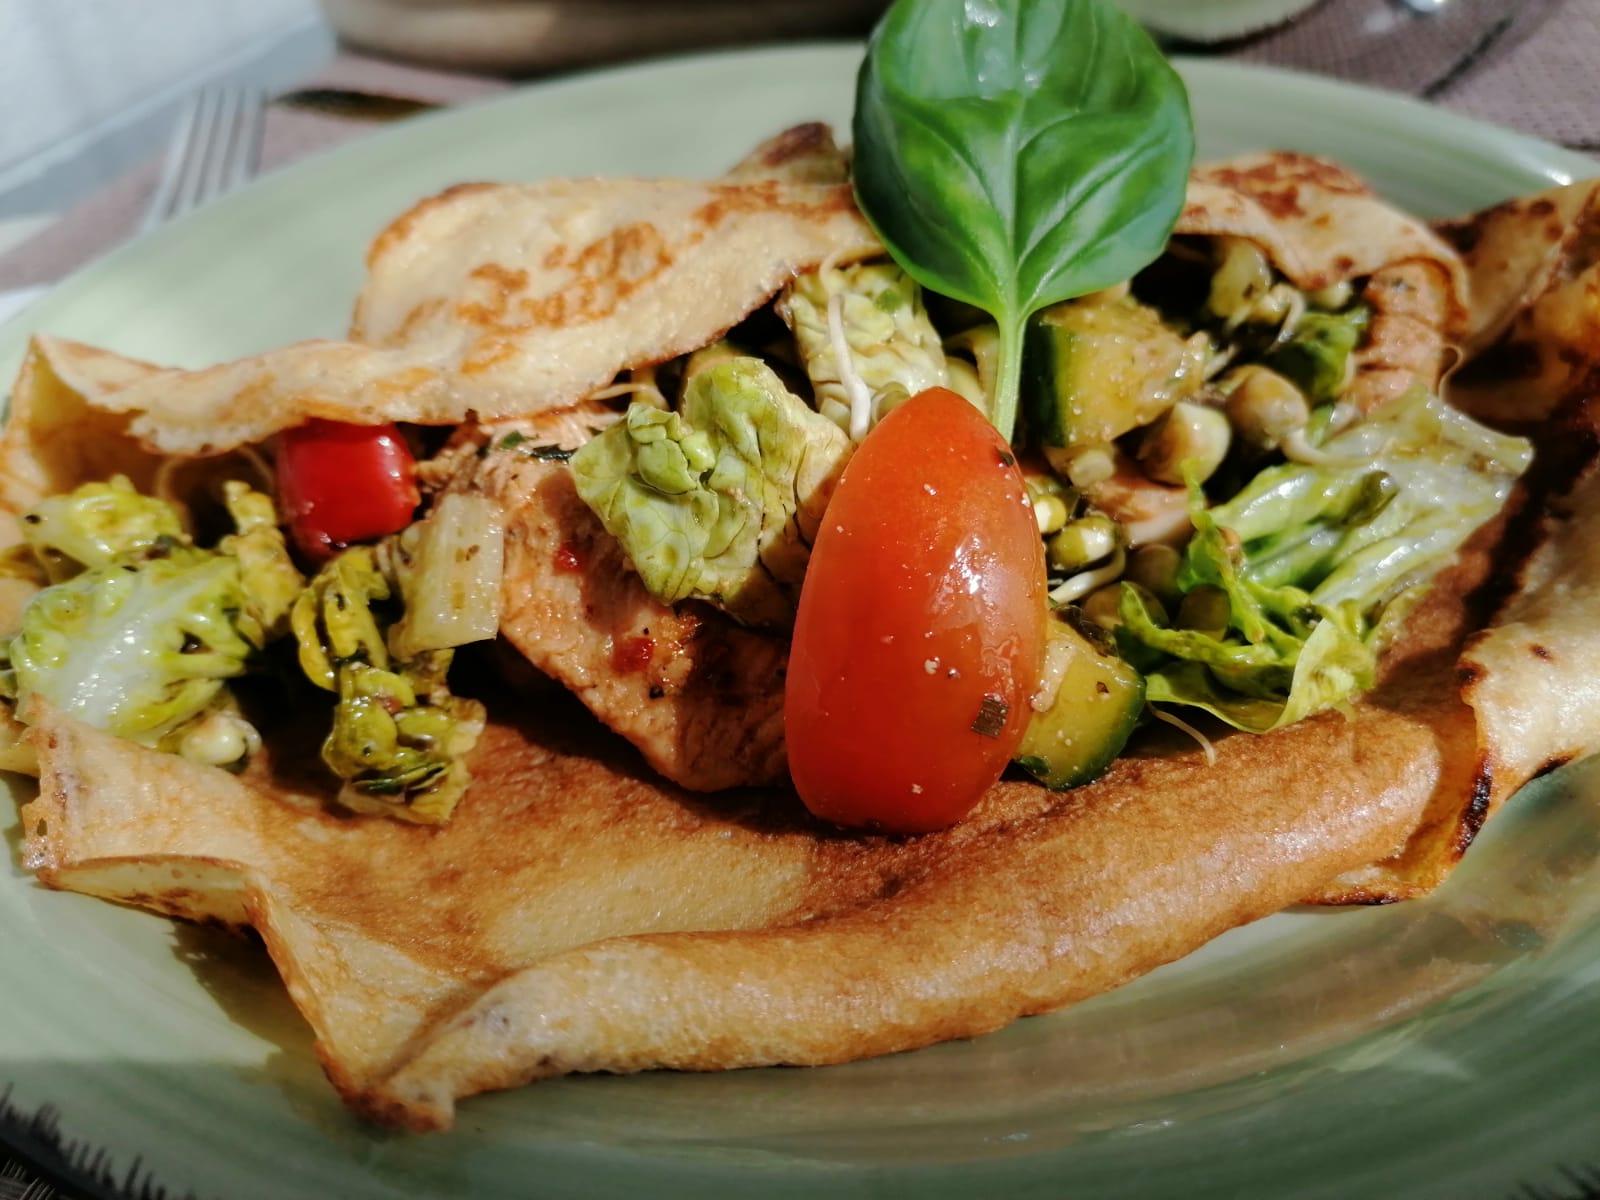 Sauerteigfladen mit Salat und marinierten, gebratenen Putenfleischstreifen